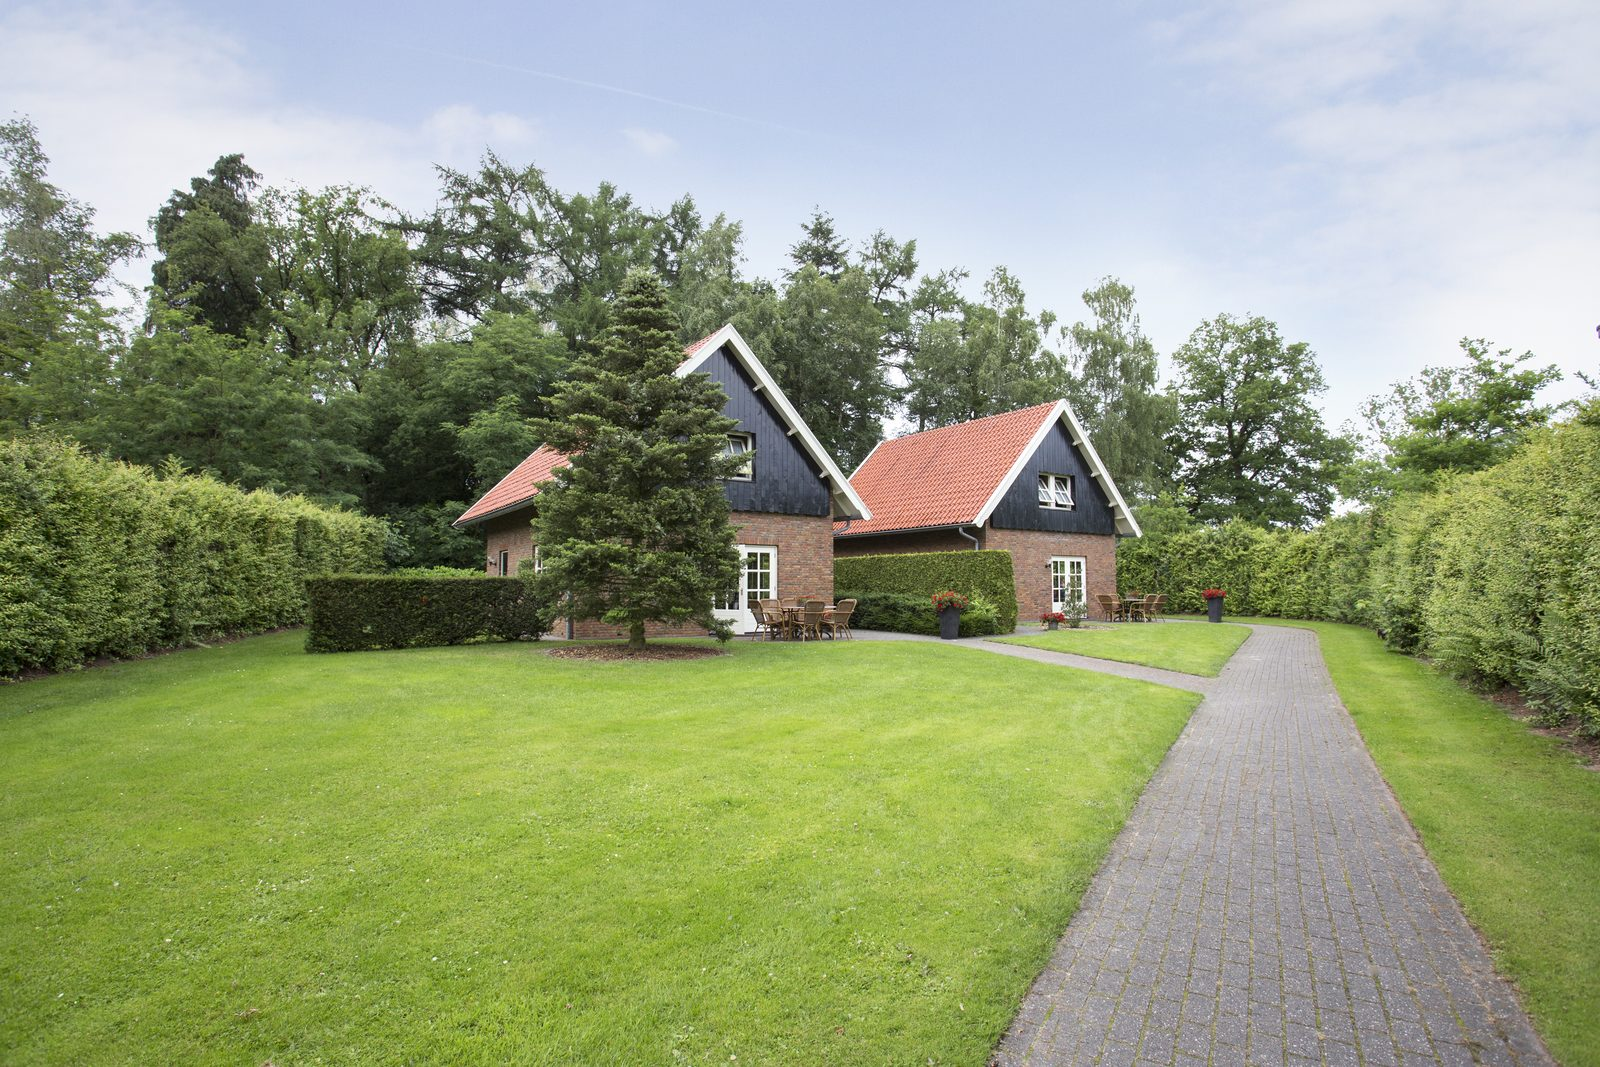 Vakantiehuis in Twente